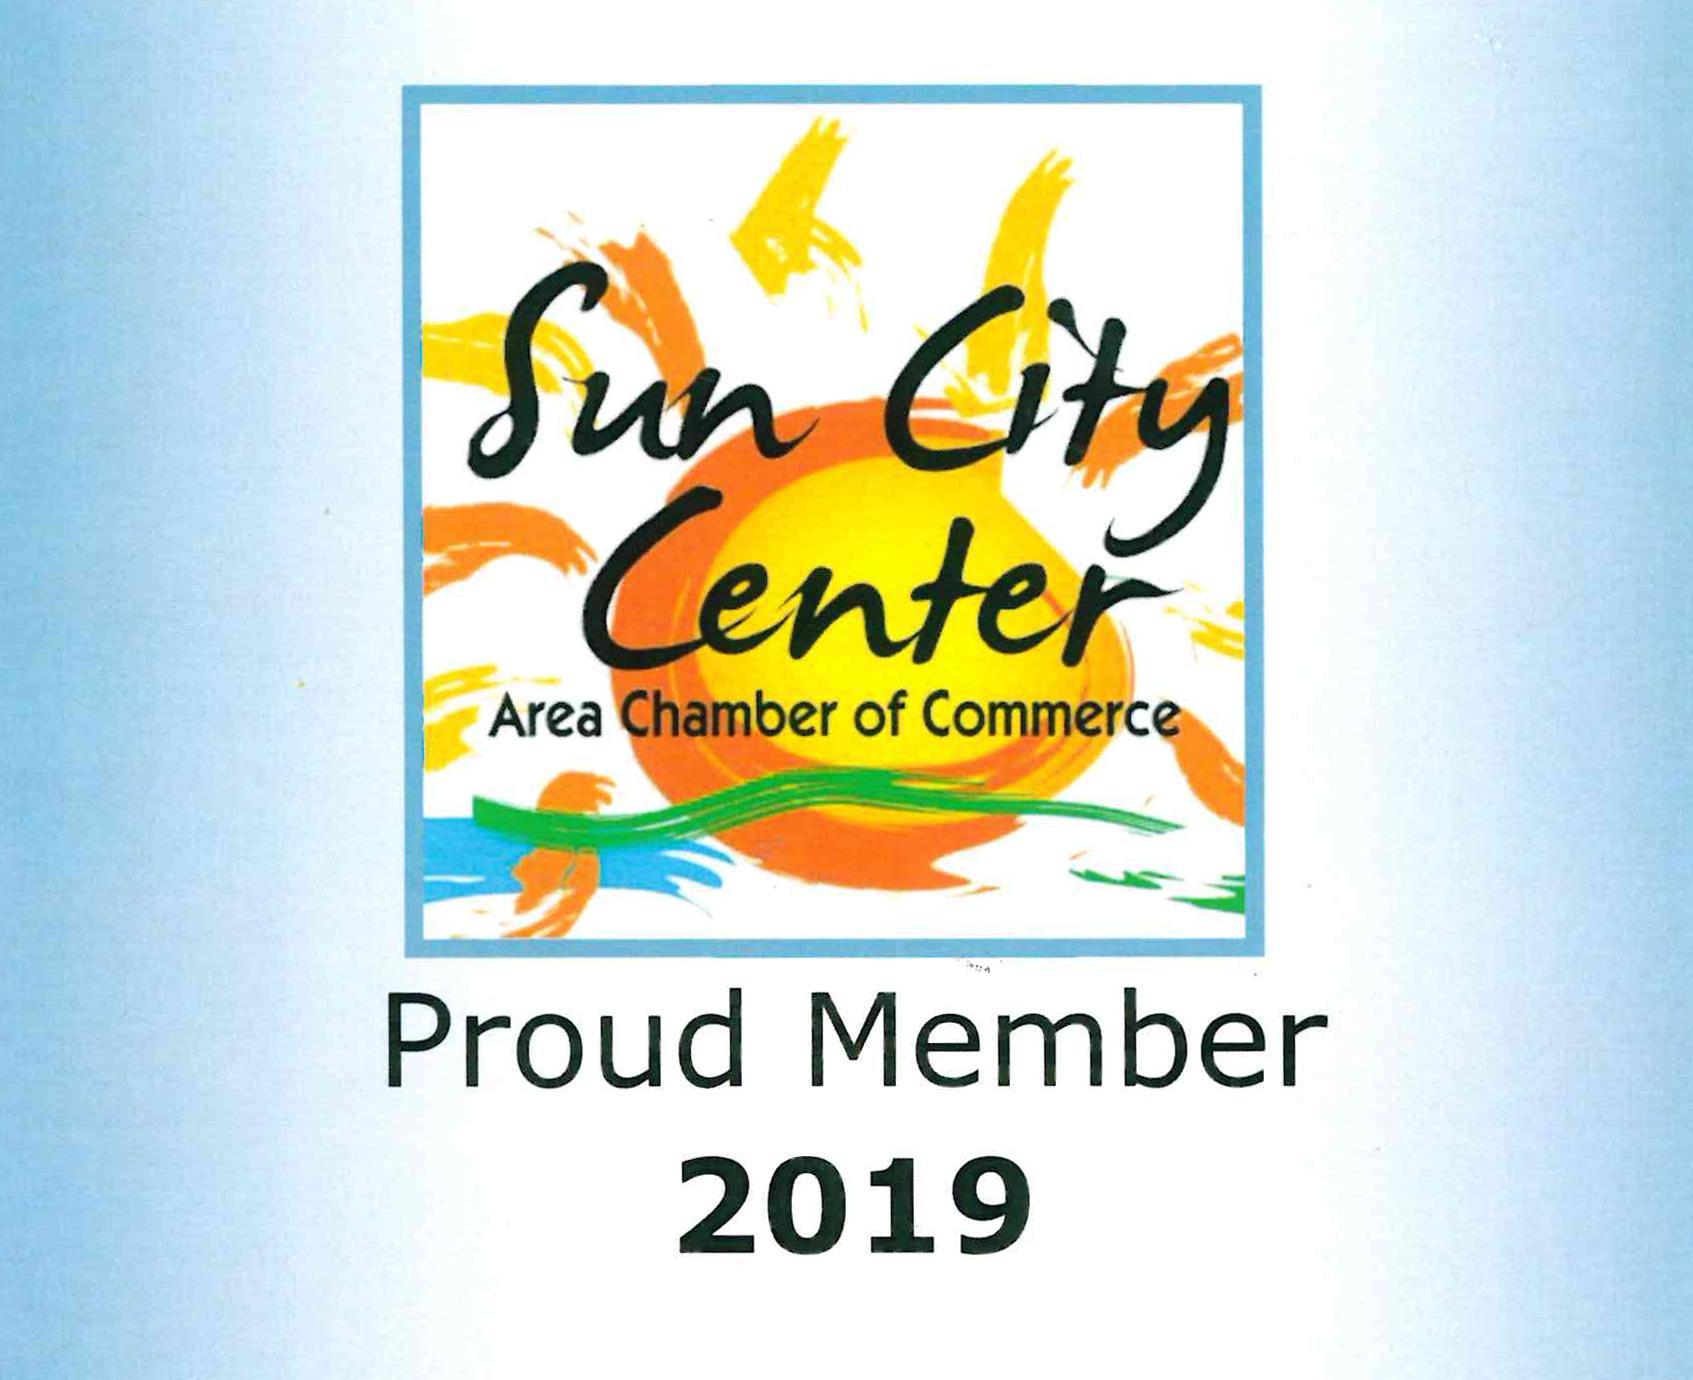 Sun City Center Chamber of Commerce Proud Member 2019